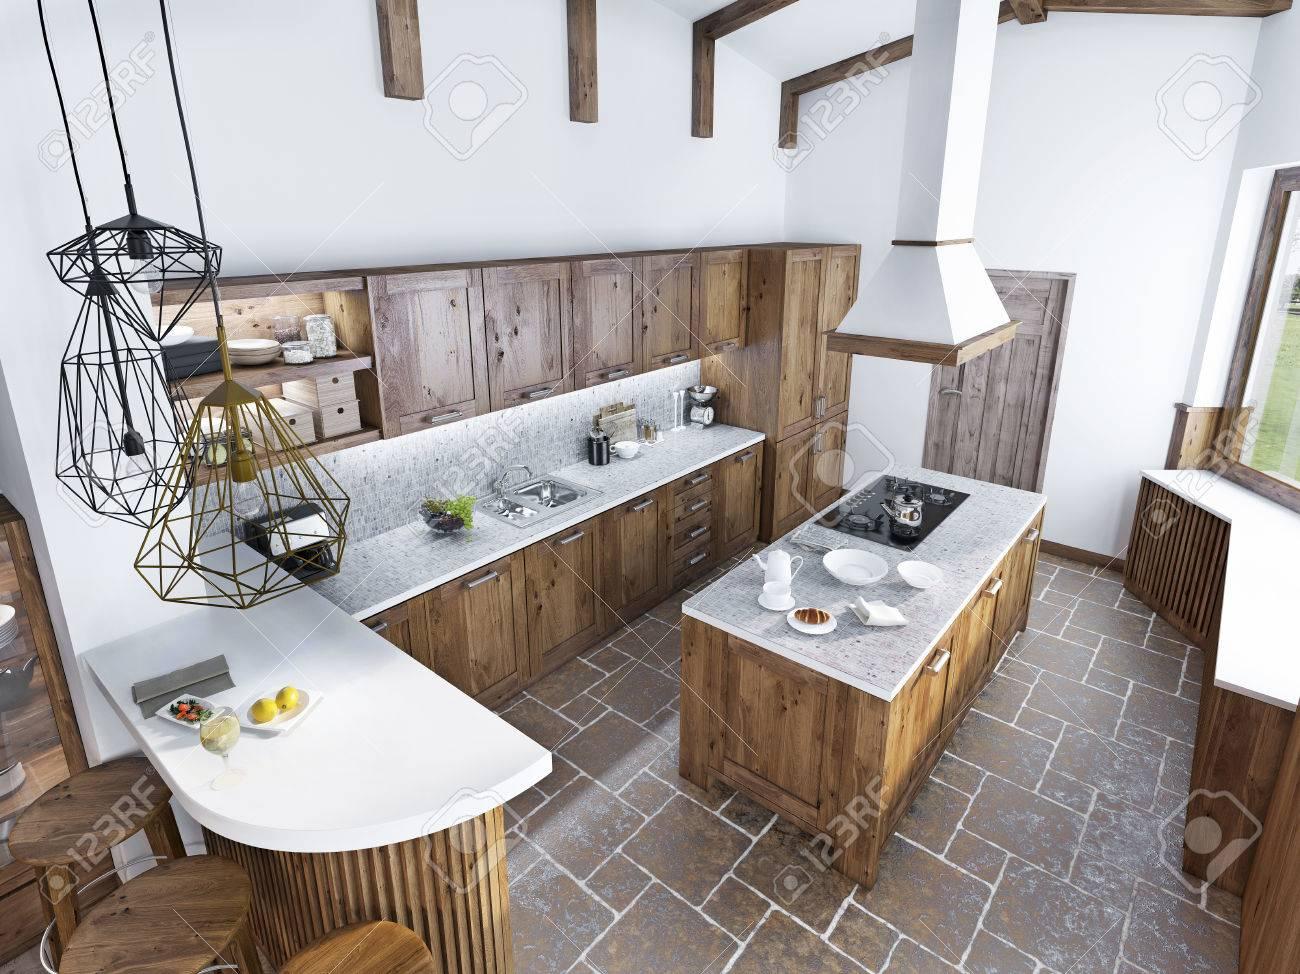 Moderne Luxus Kuche In Einem Loft Stil Das Design Aus Einer Grossen